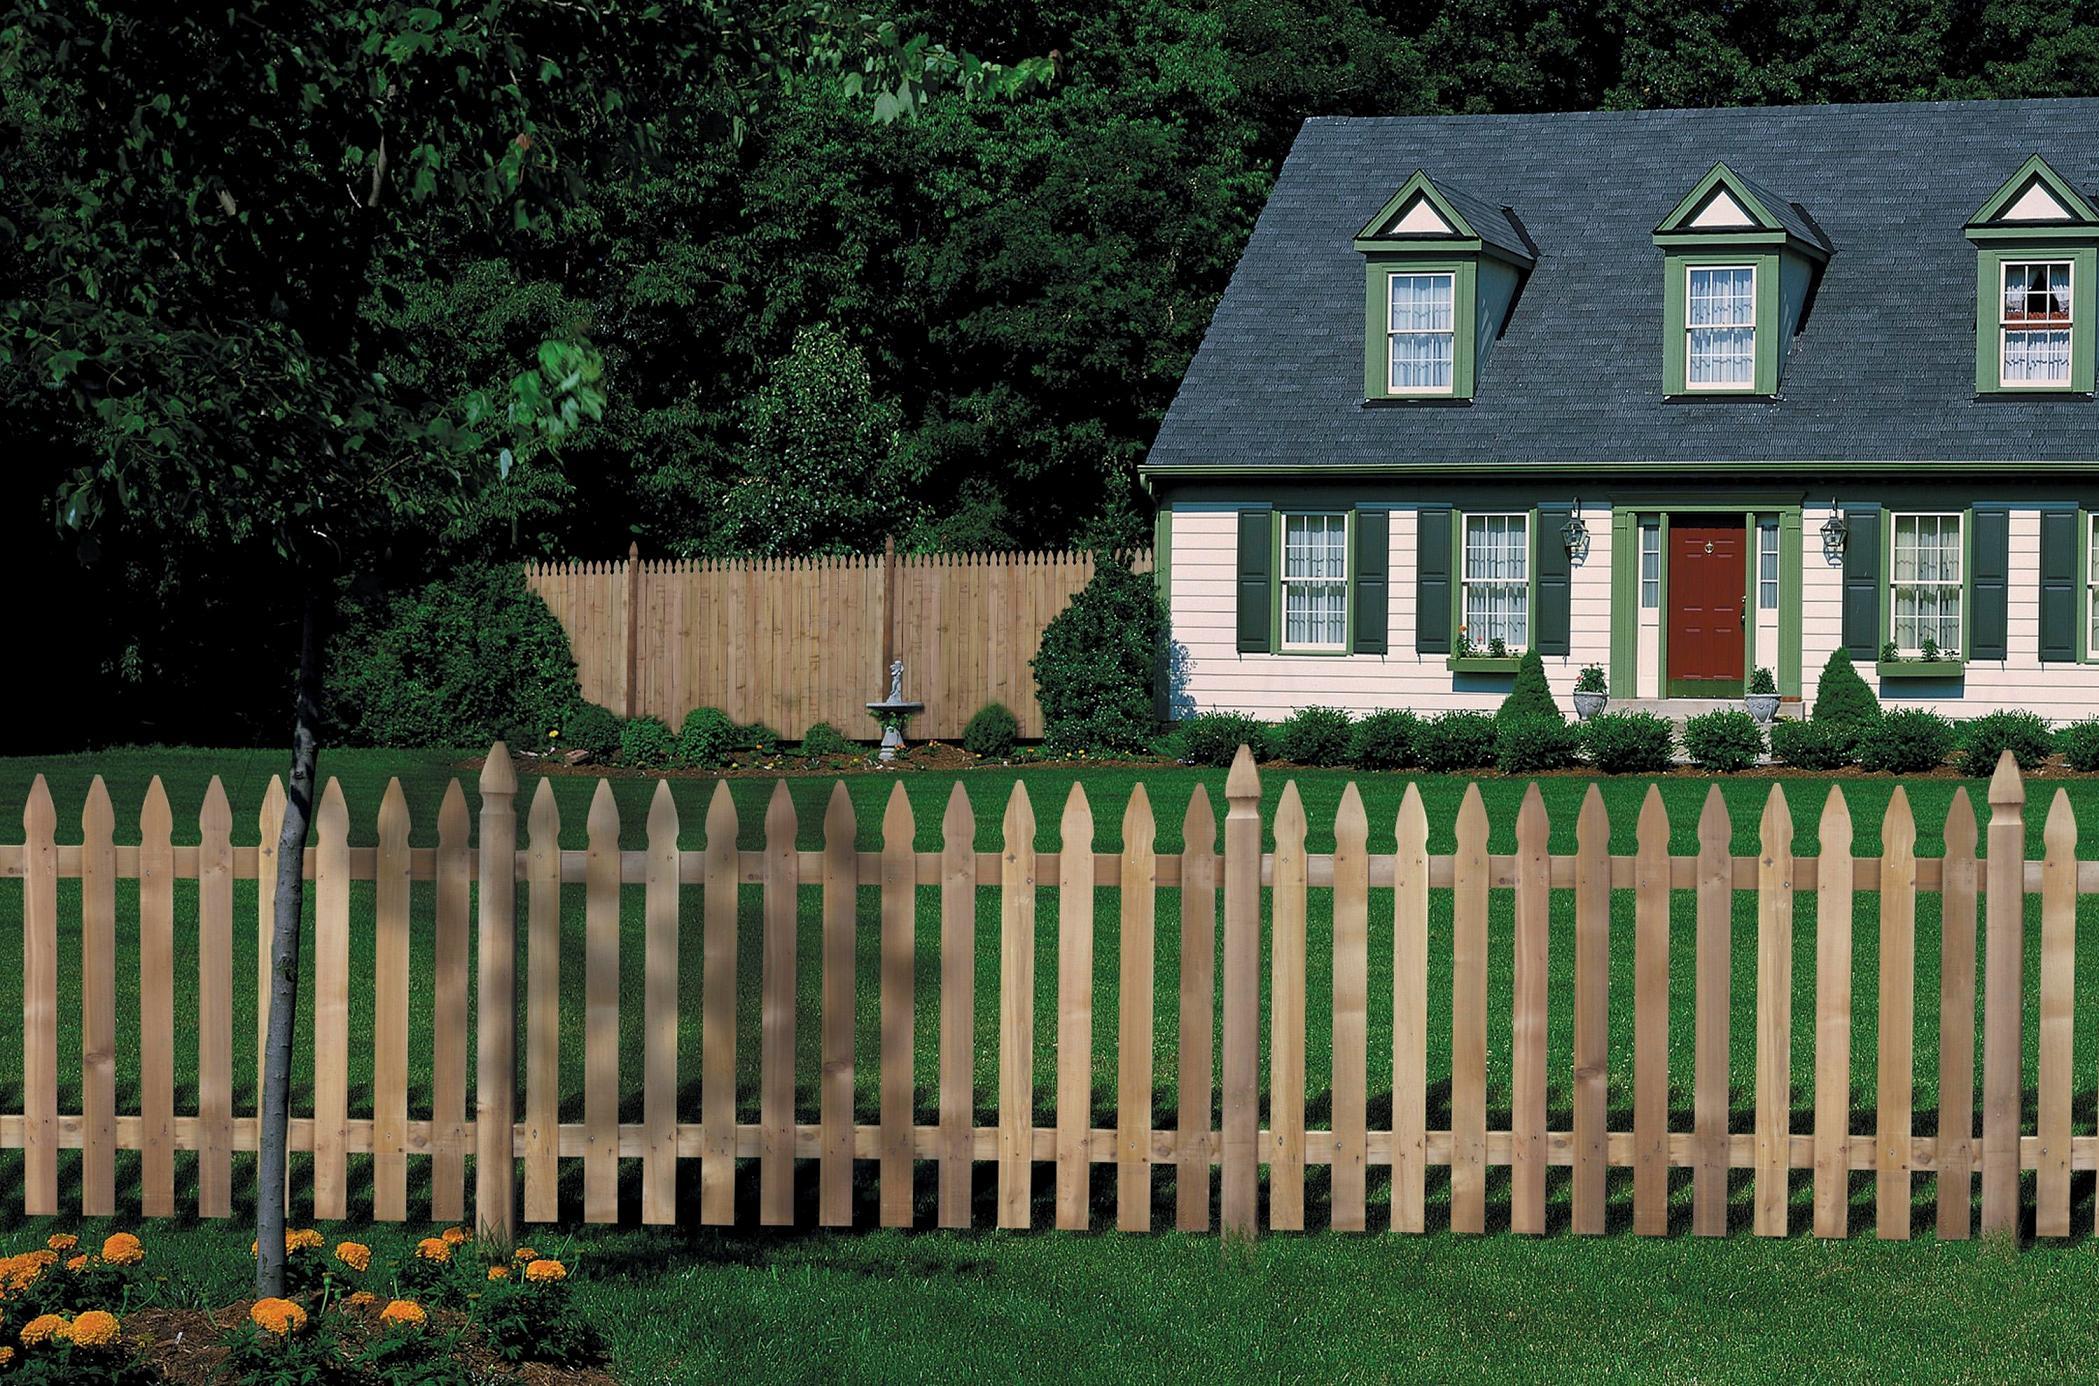 Installer Une Clôture En Bois | Pratique.fr avec Barriere Pour Cloture Jardin